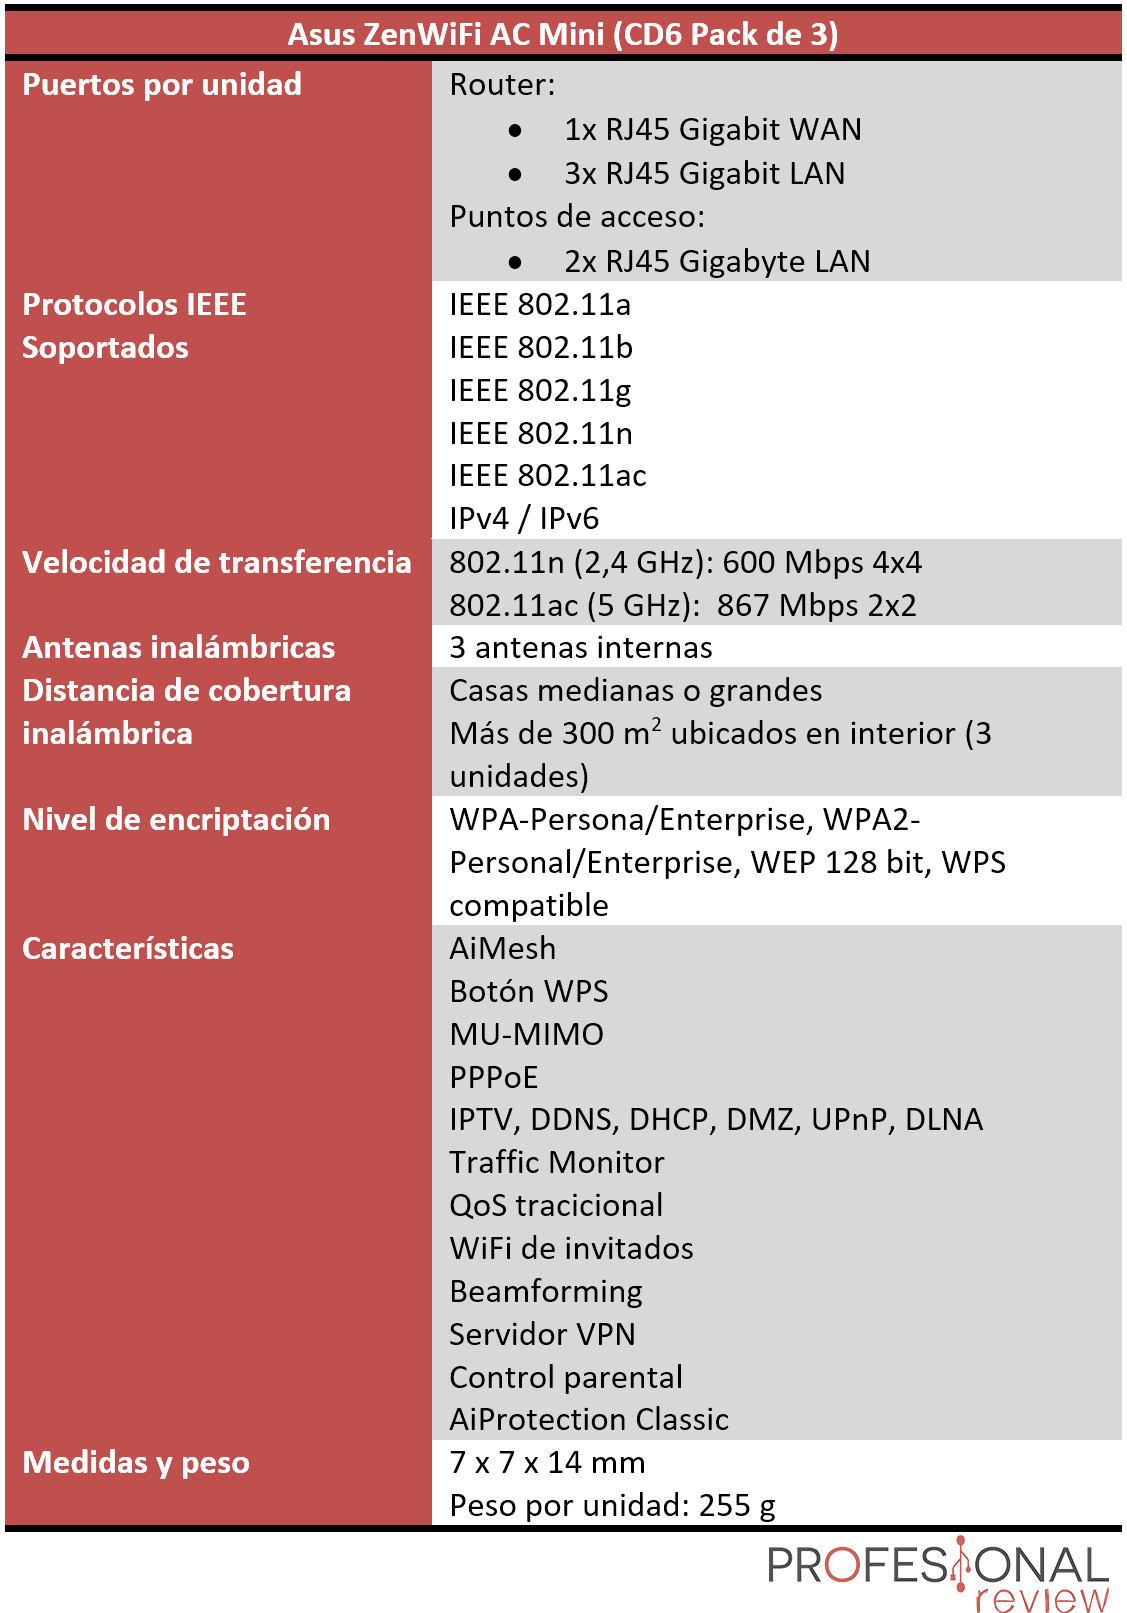 Asus ZenWifi AC Mini Características